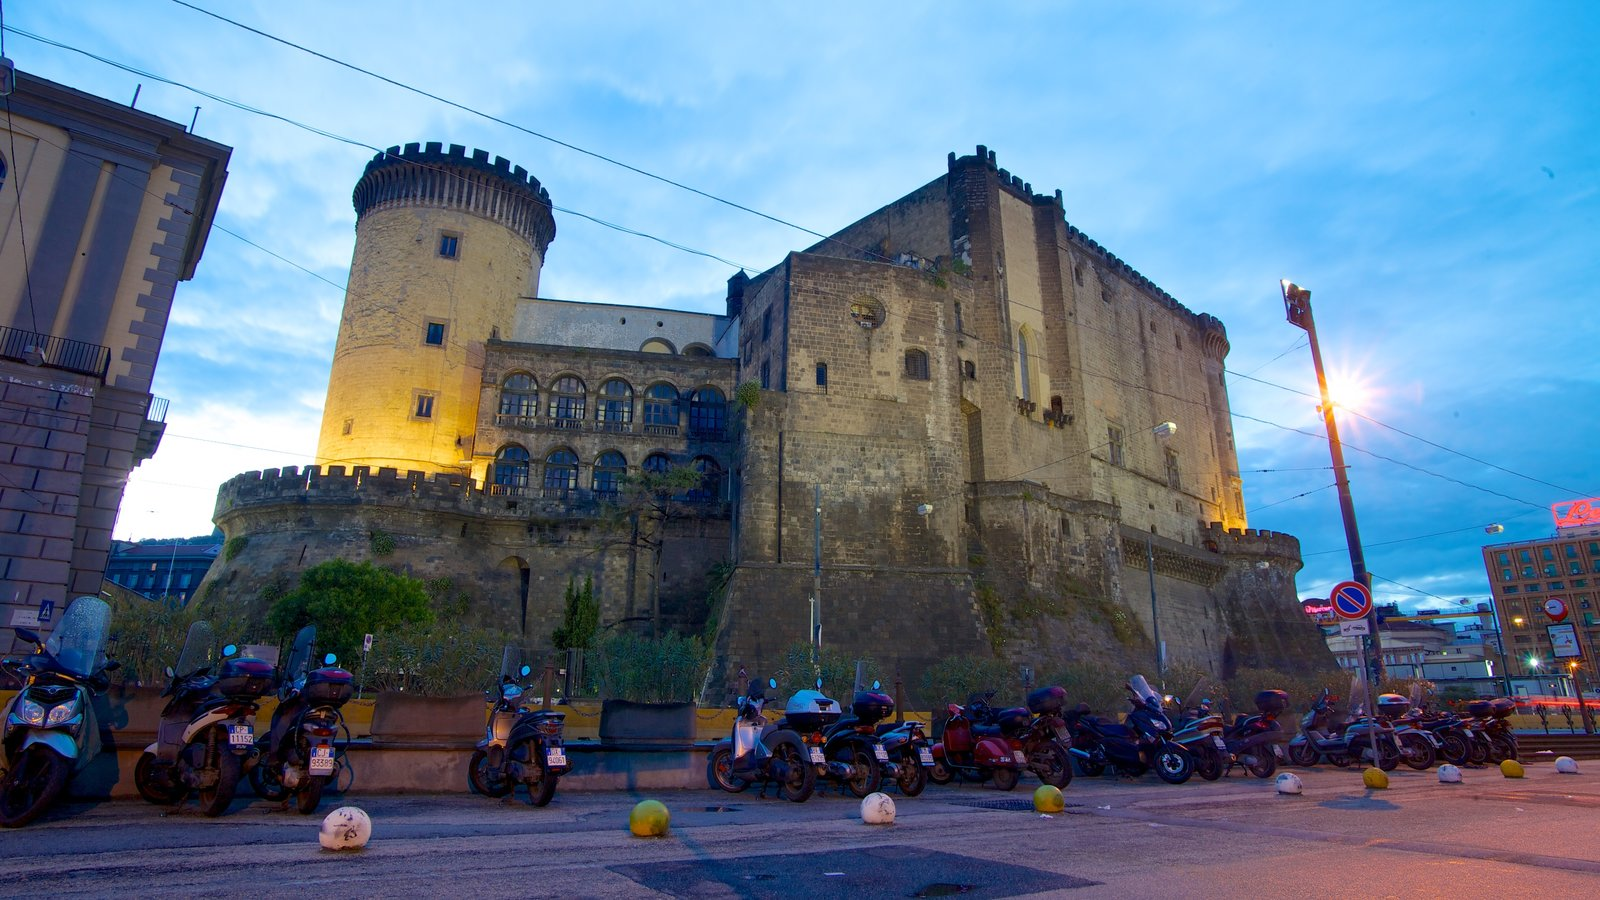 Piazza del Municipio caracterizando um pequeno castelo ou palácio e cenas de rua